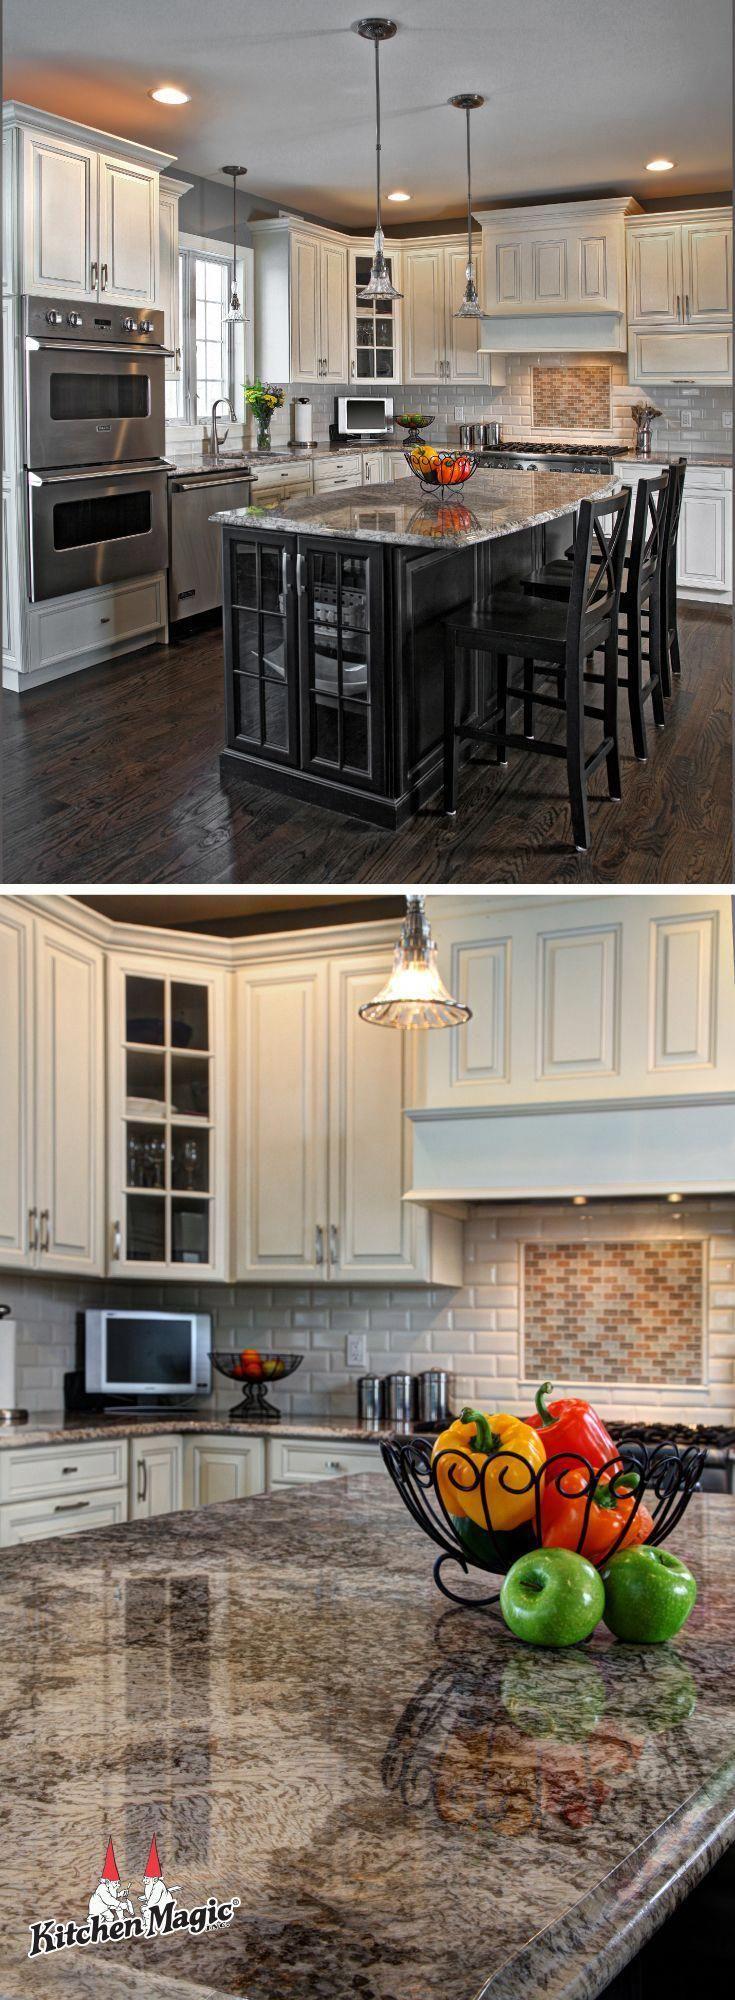 Organisation von küchenschränken new classic raised panel  cabinets paired with a granite